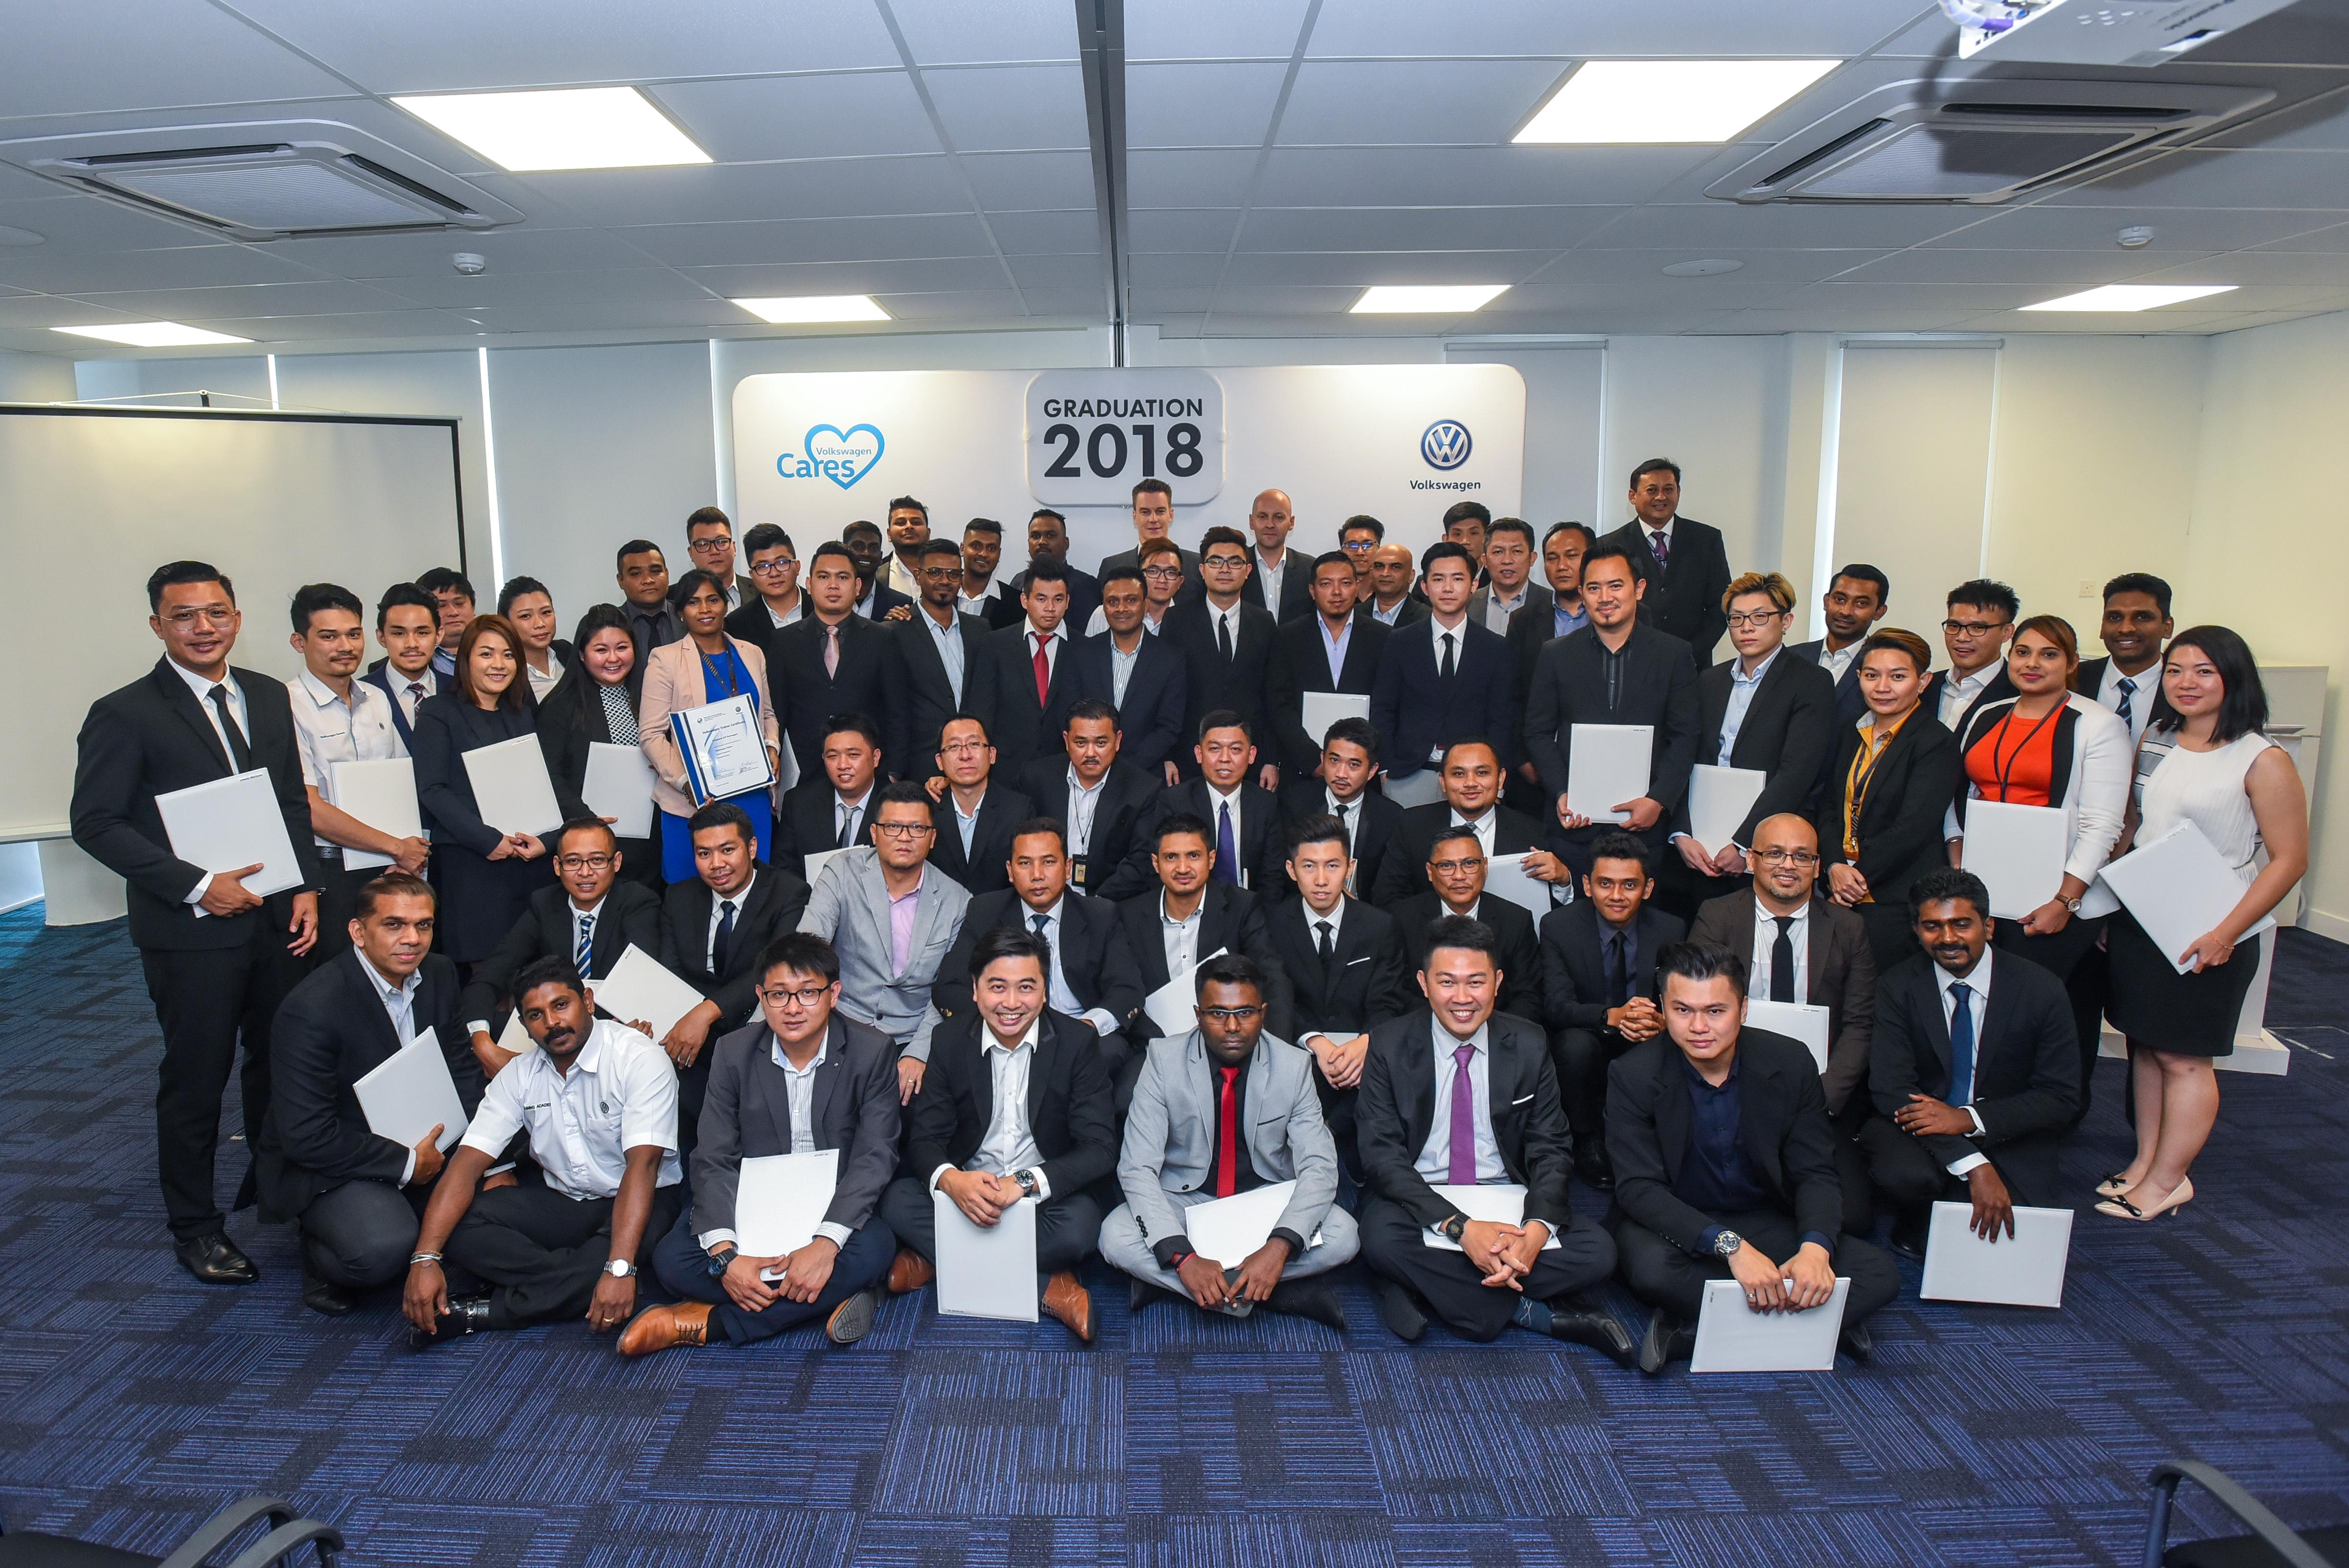 来自代理商的46名学员欢庆从 Volkswagen 汽车学院毕业